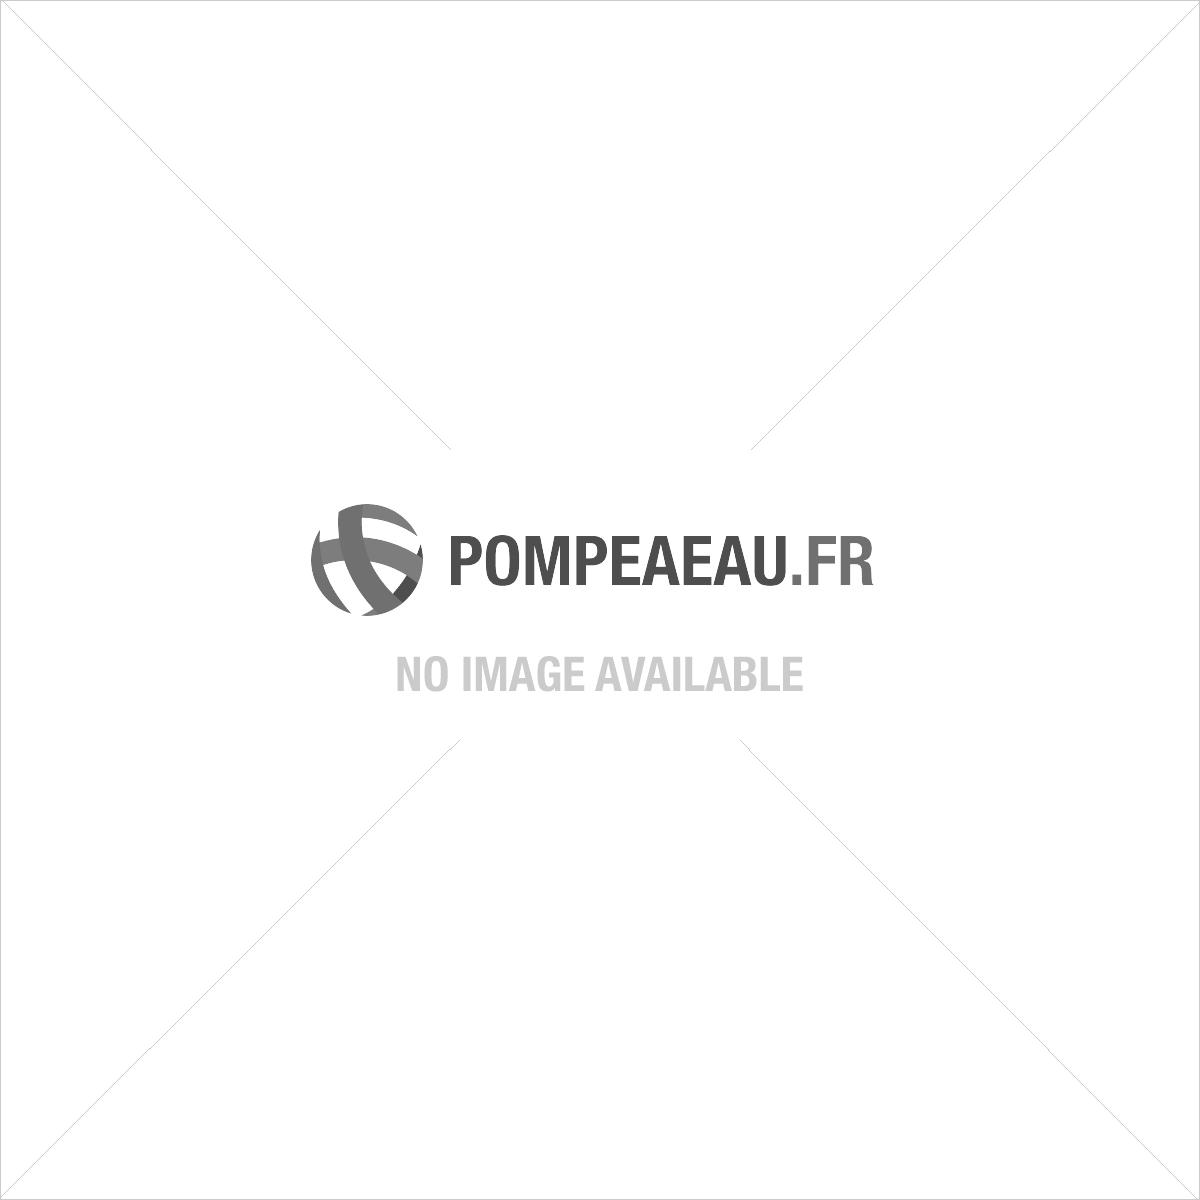 DAB Kit Pulsar Dry 30/50 M-NA Pompe de puits automatique